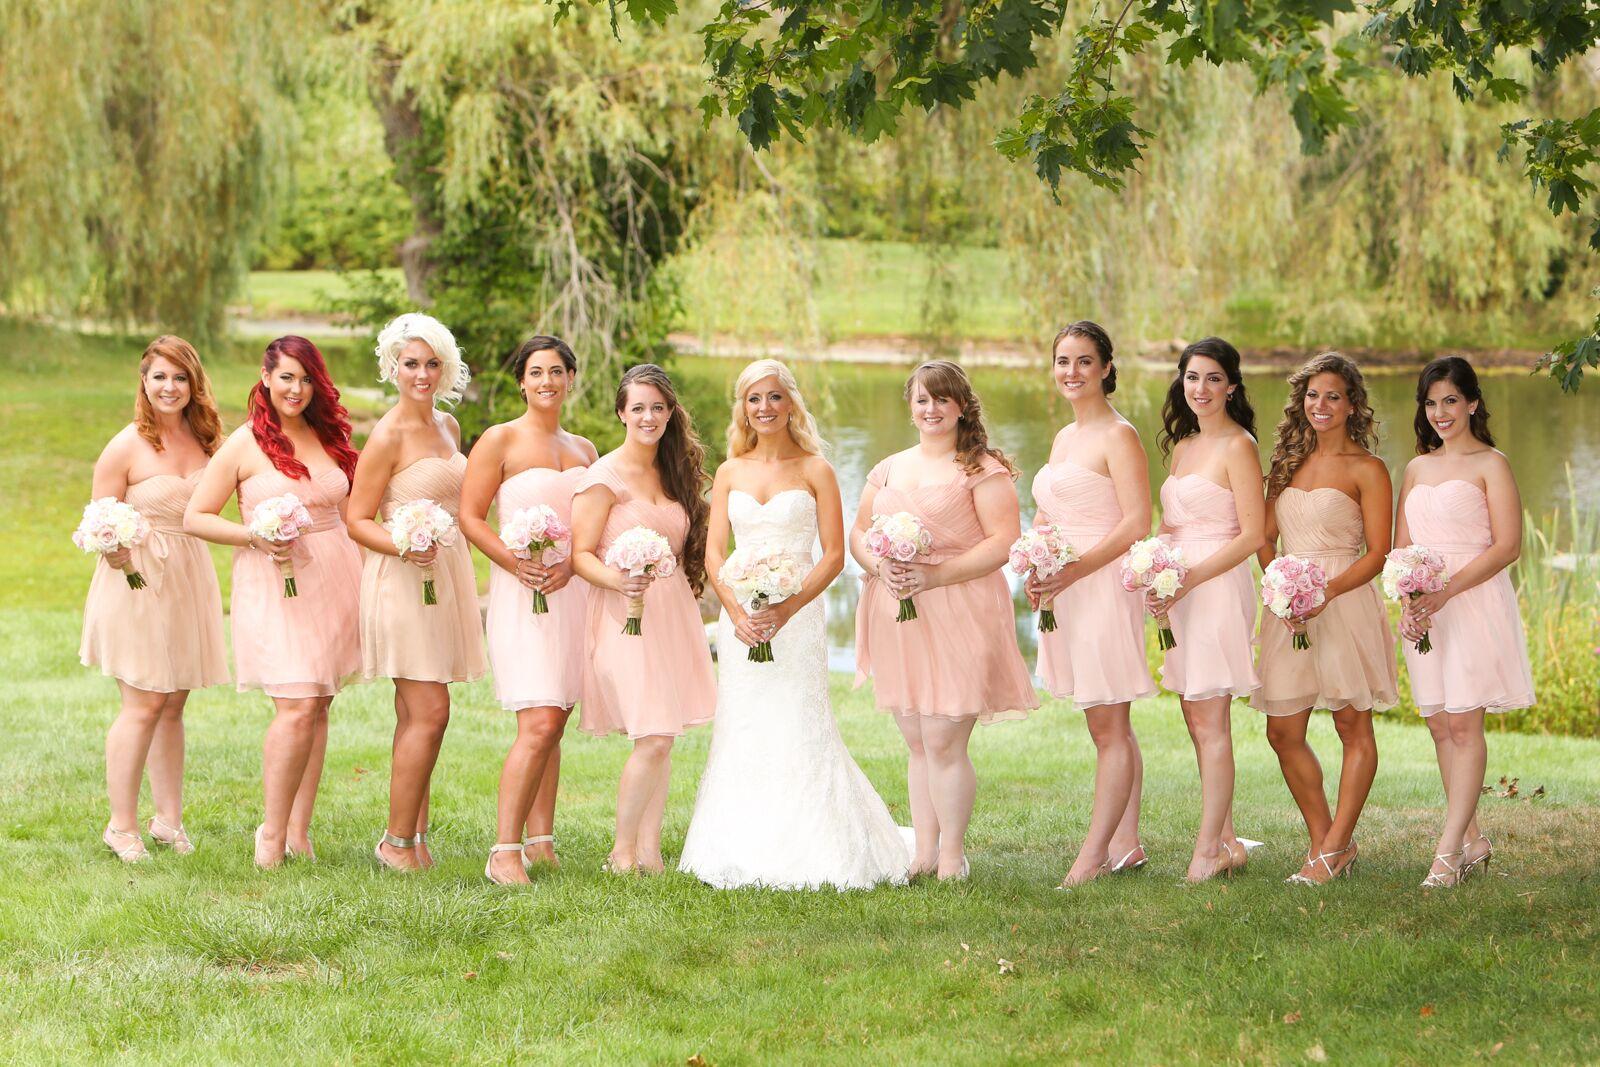 Hot bridesmaids naked — img 4